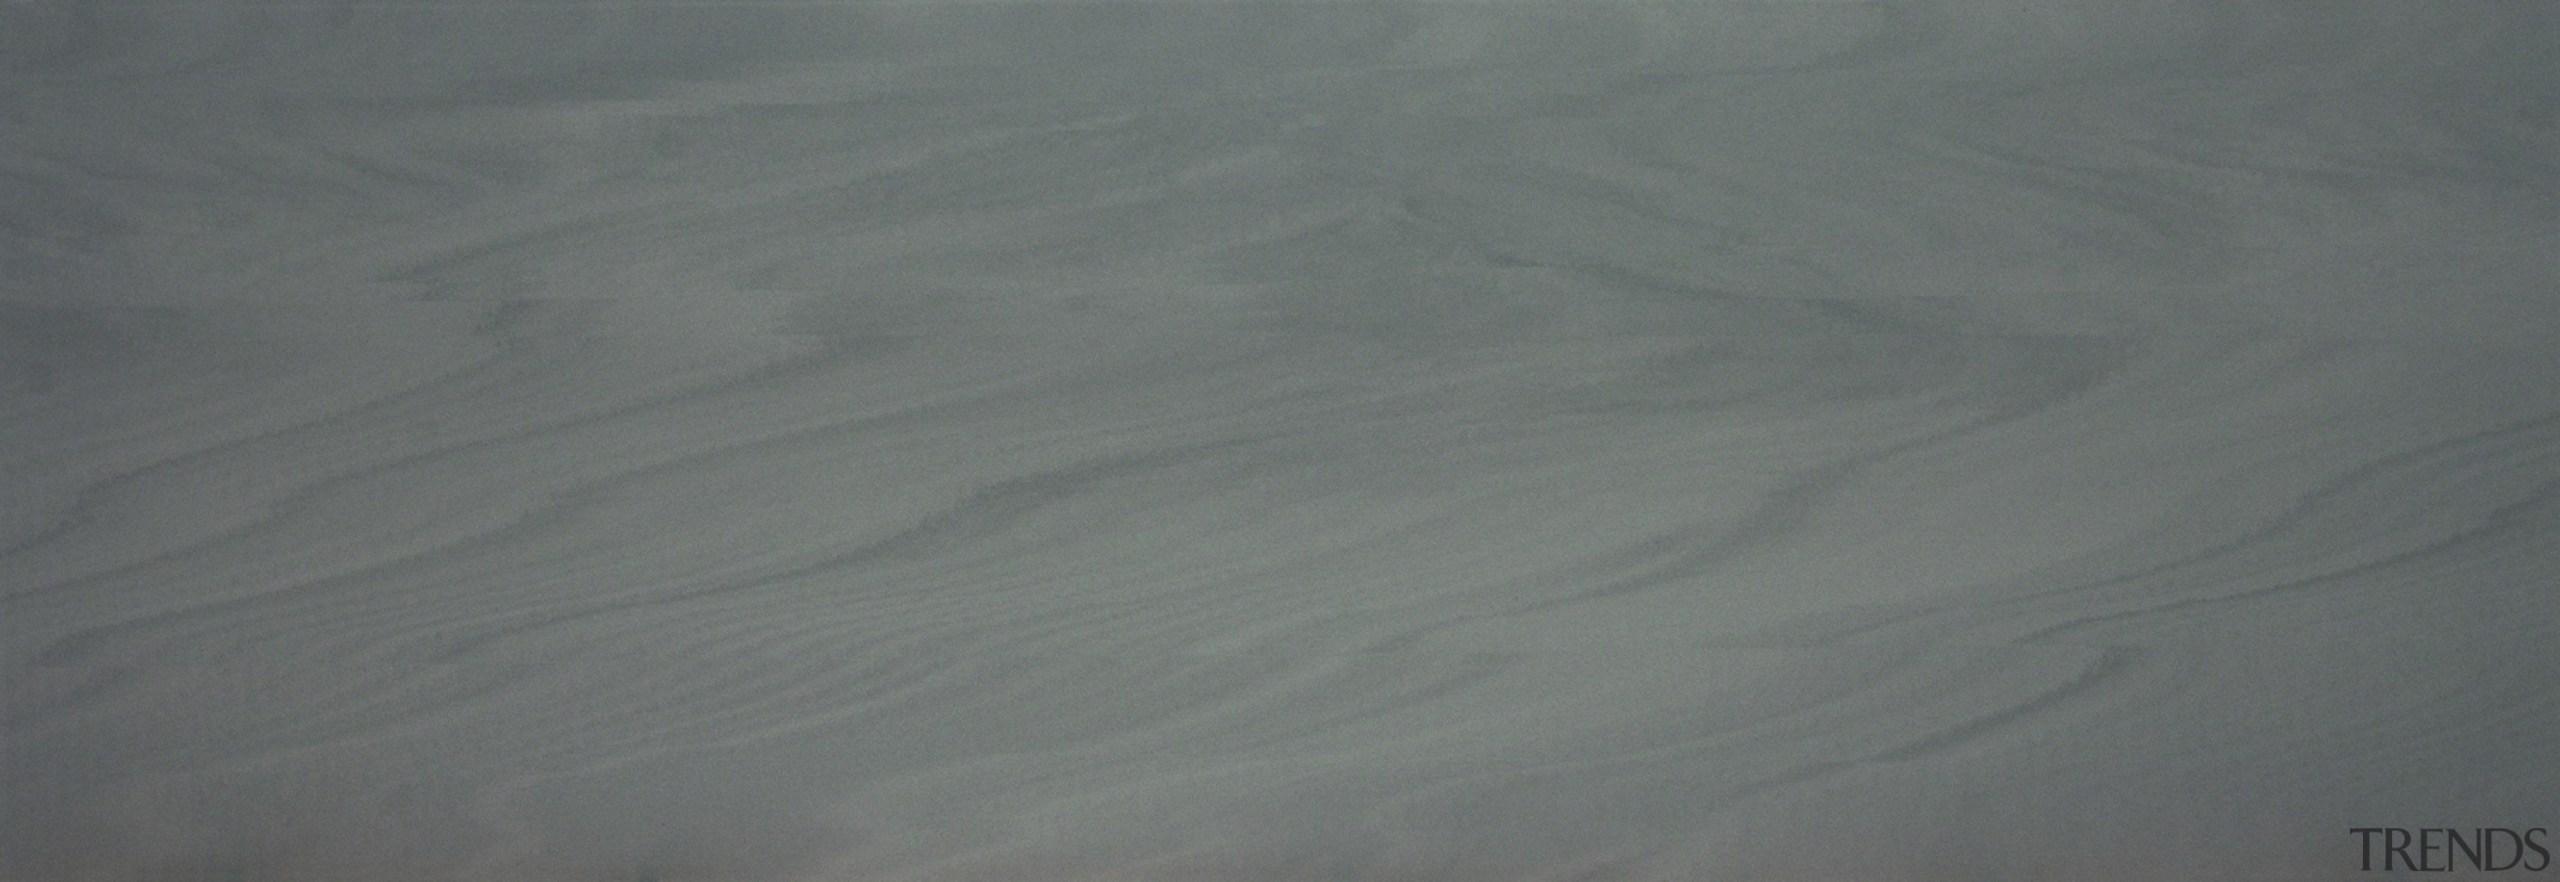 Lava - atmosphere   atmosphere of earth   atmosphere, atmosphere of earth, floor, line, sky, texture, wood, gray